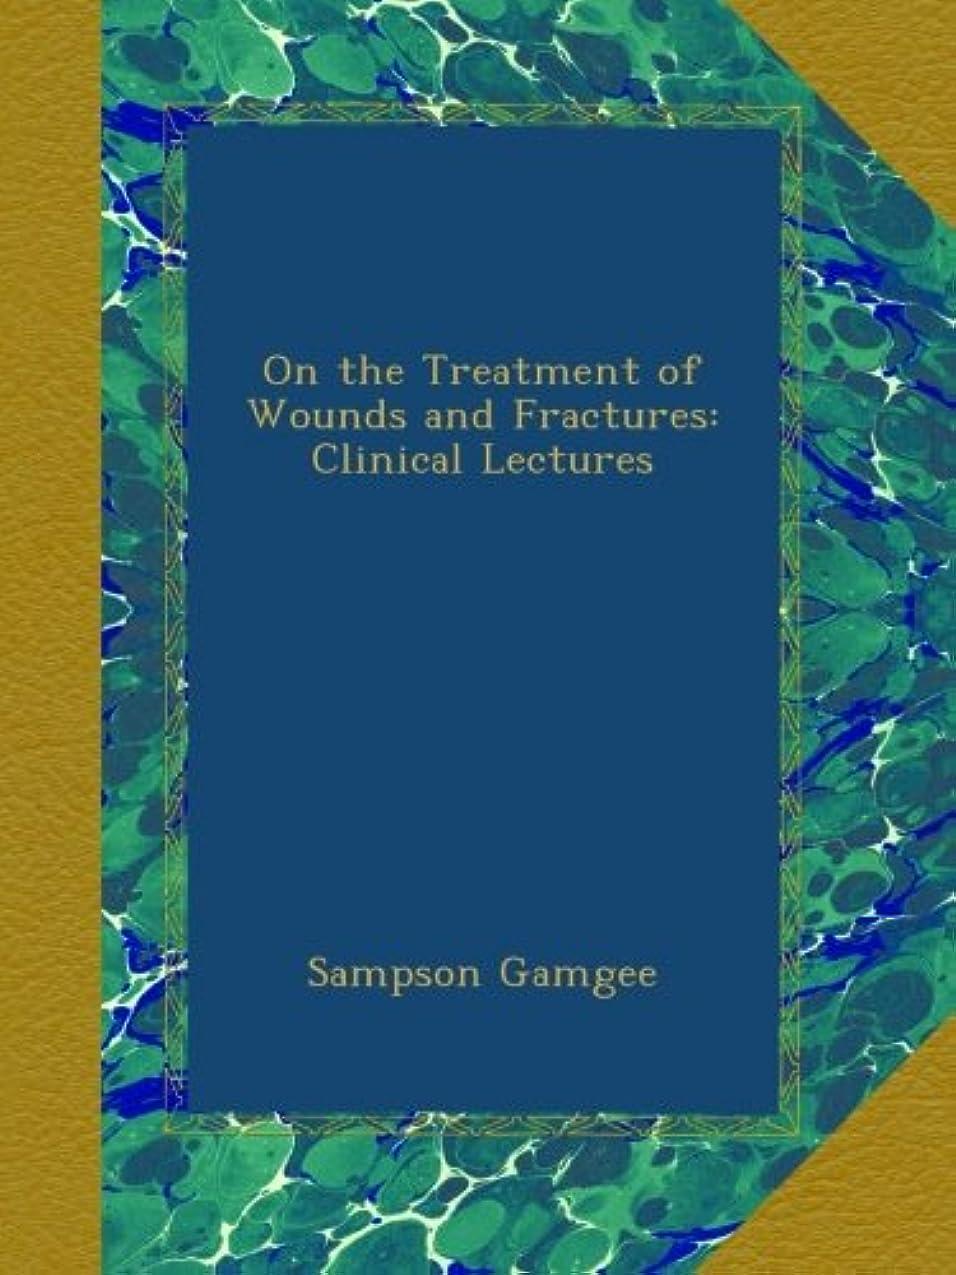 クリップ蝶入場苦情文句On the Treatment of Wounds and Fractures: Clinical Lectures